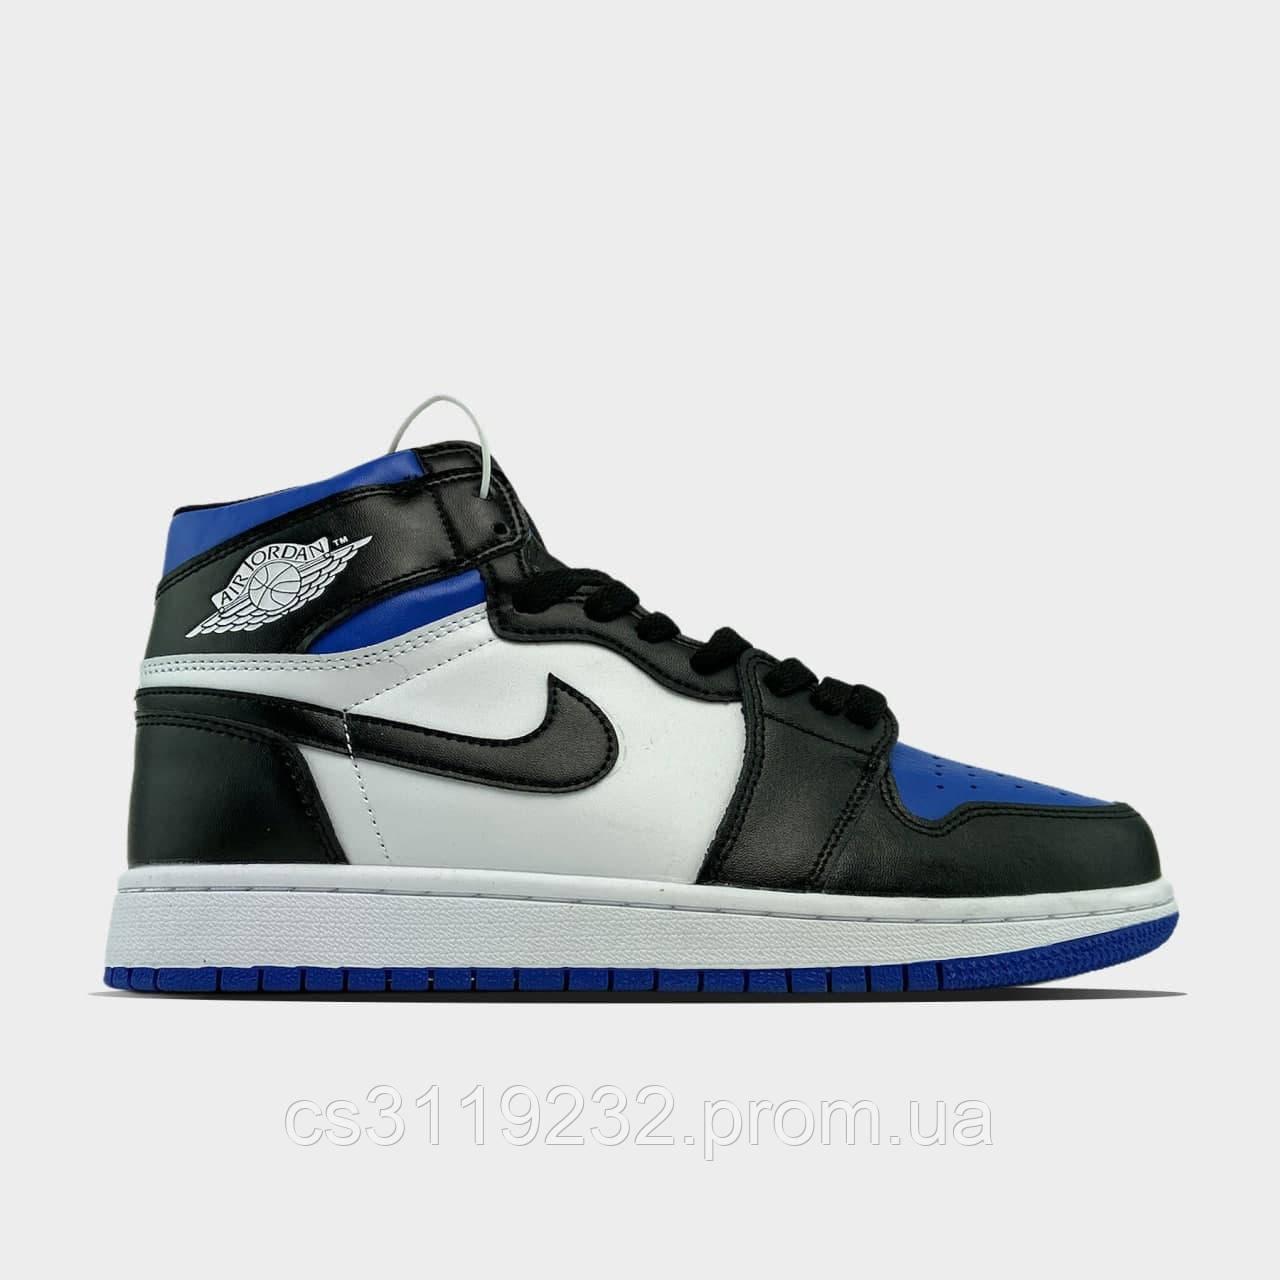 Чоловічі кросівки Nike Air Jordan 1 Blue Black (синьо-блакитні)